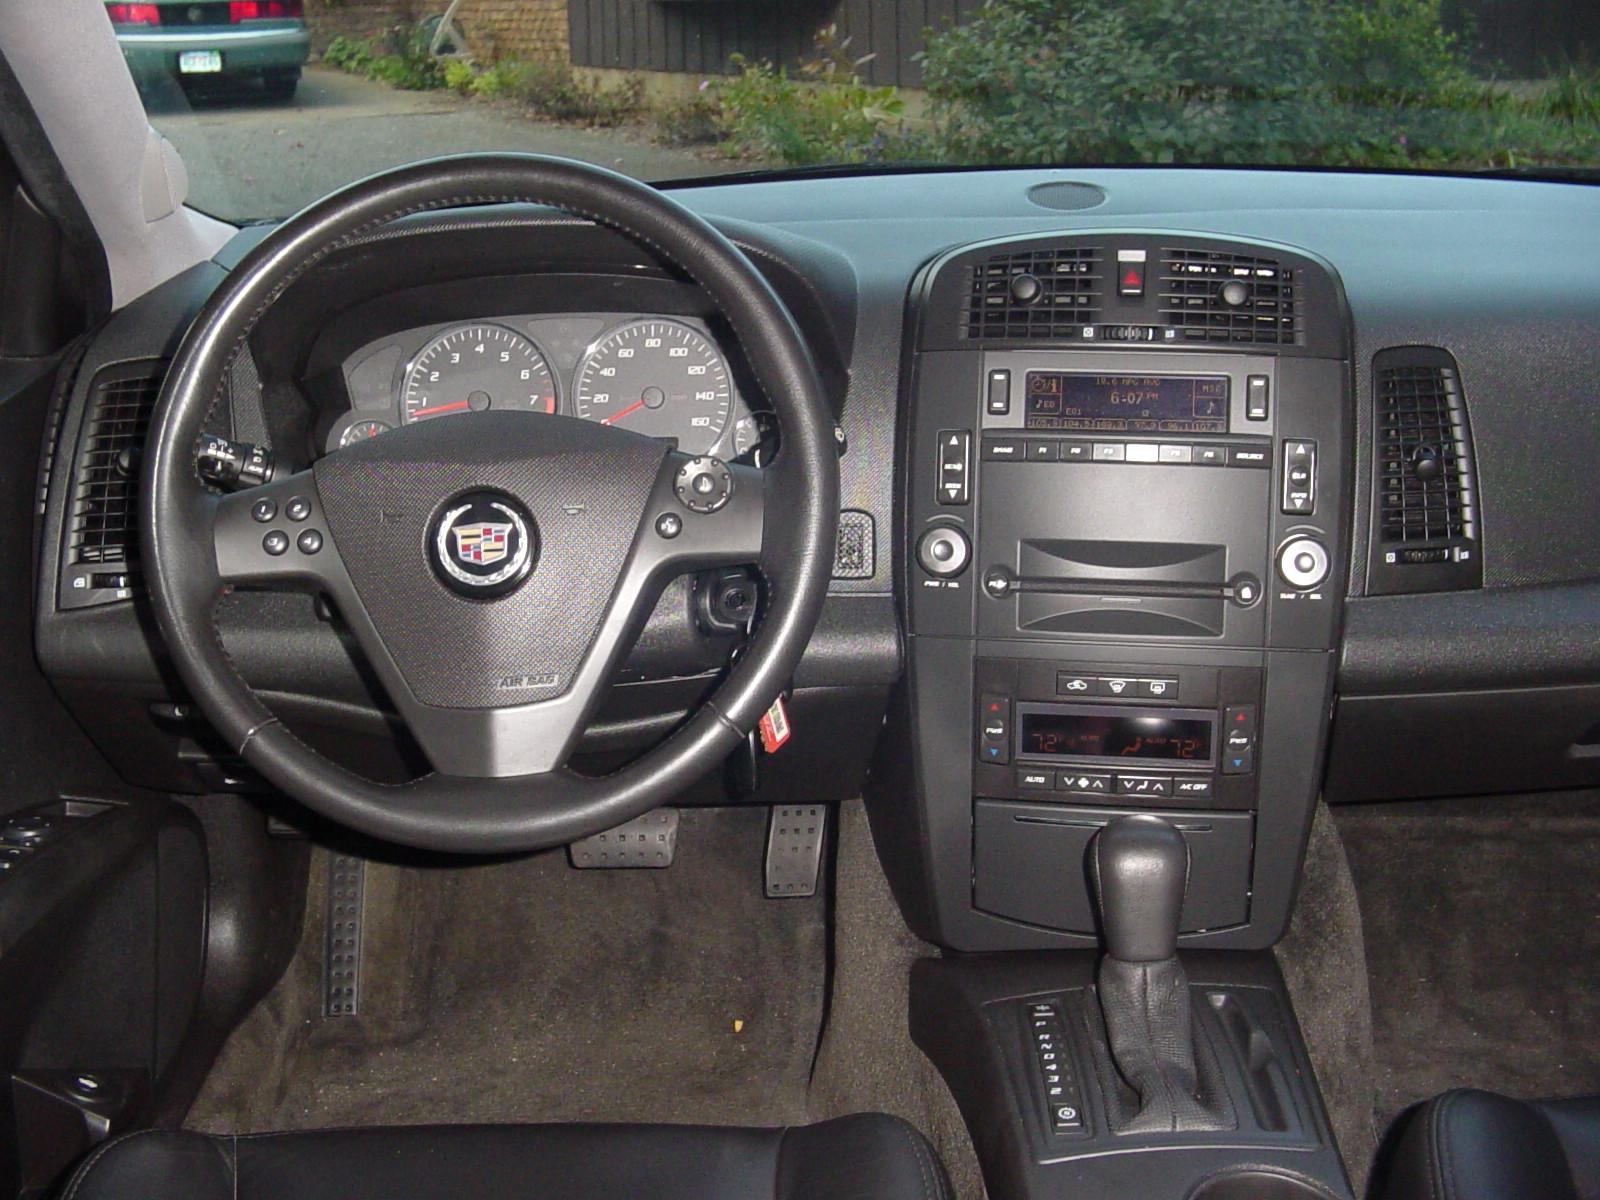 2005 Cadillac Cts Interior Pictures Cargurus